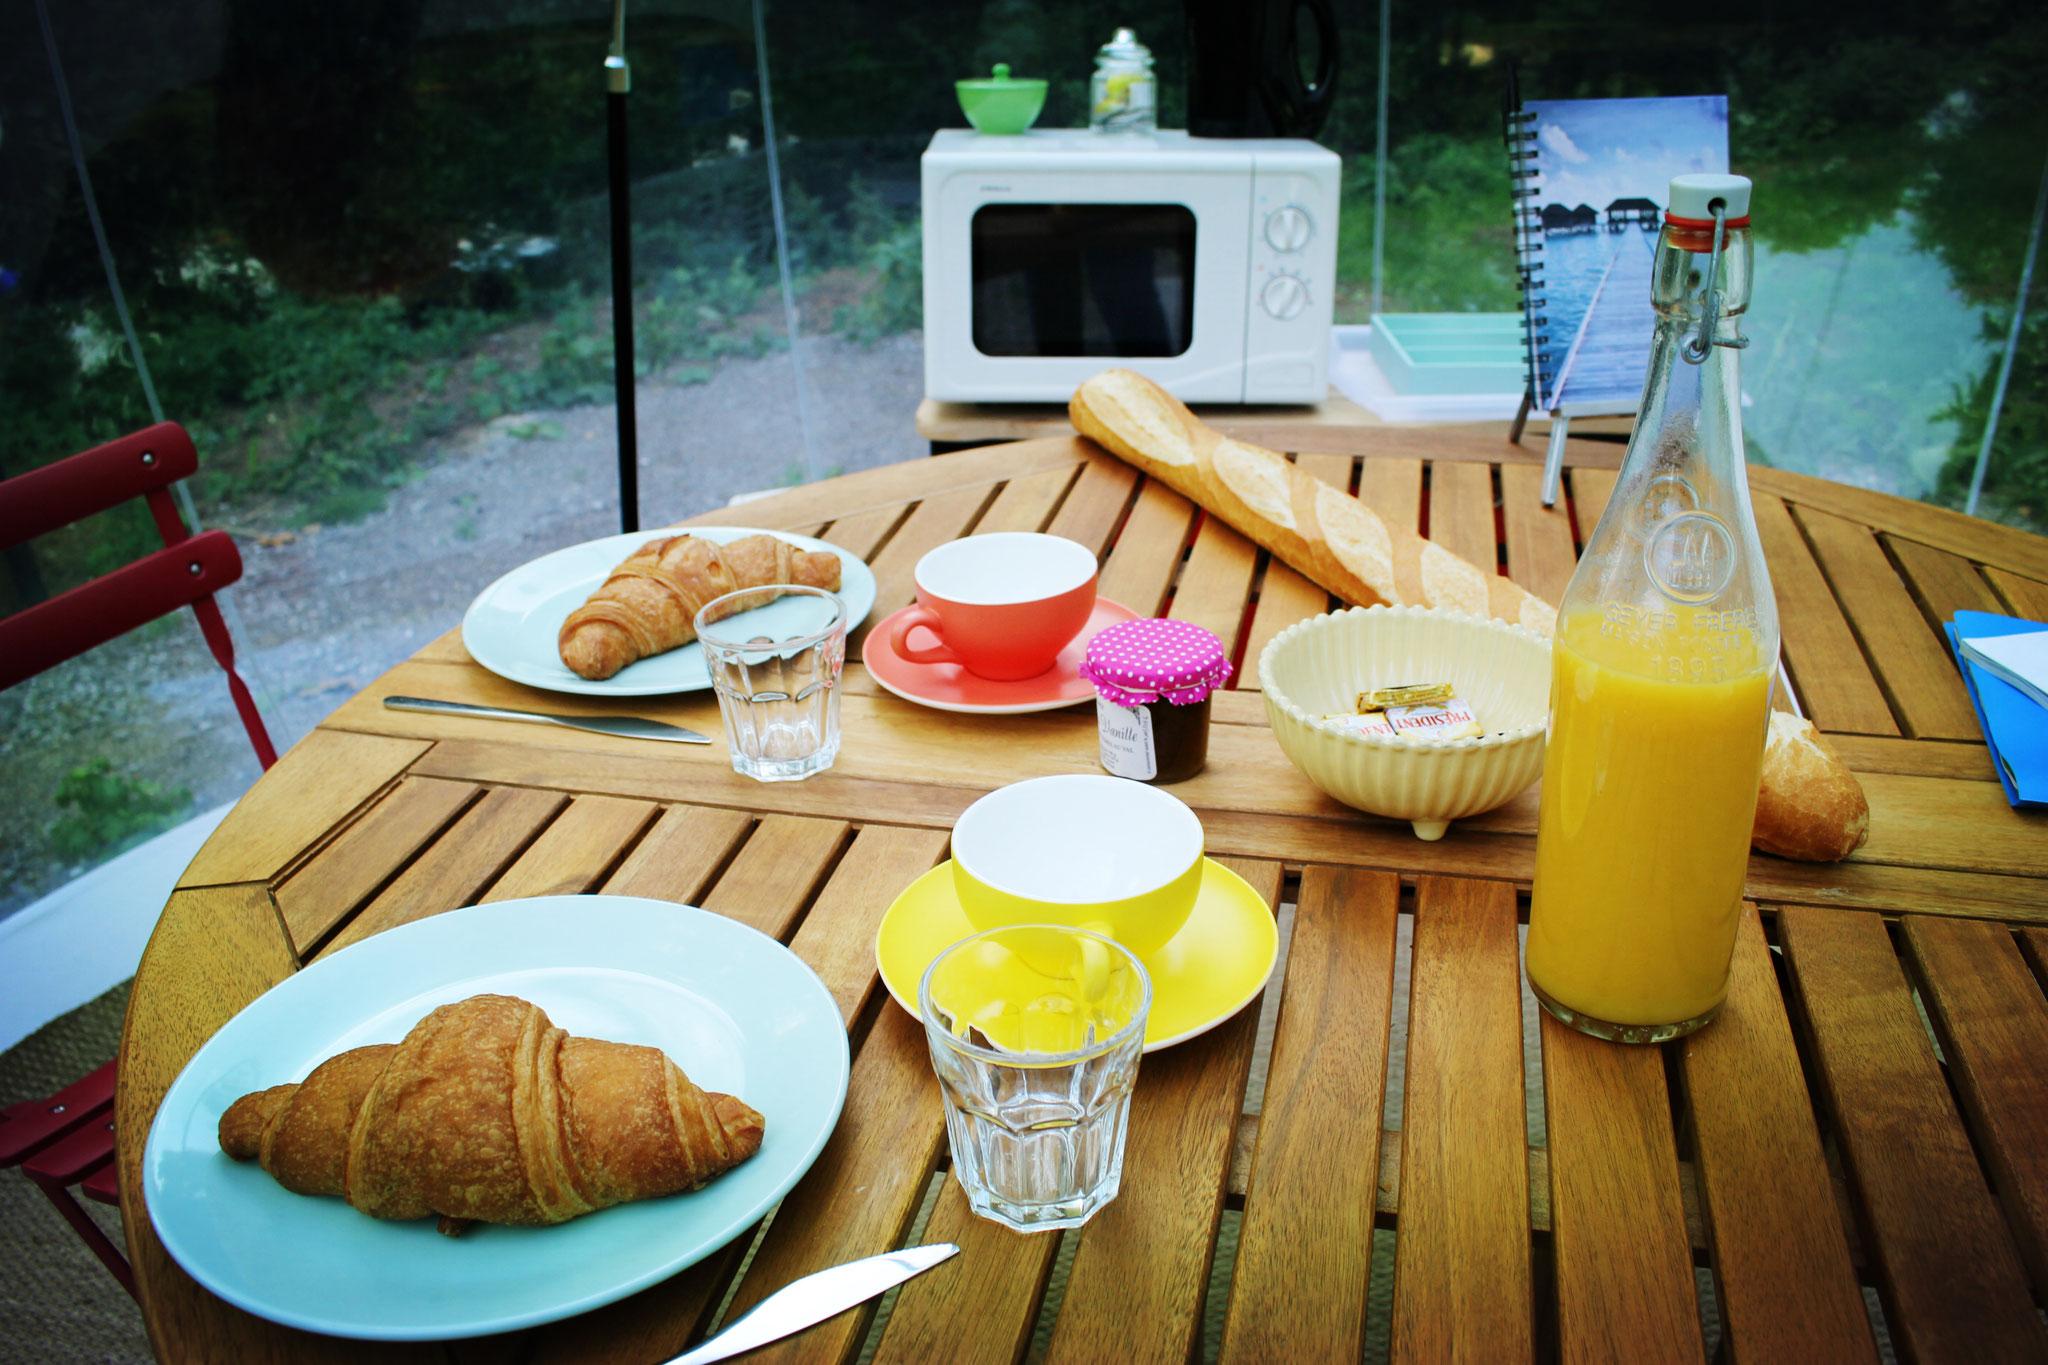 Passer une nuit insolite dans la bulle romantique avec petit-déjeuner